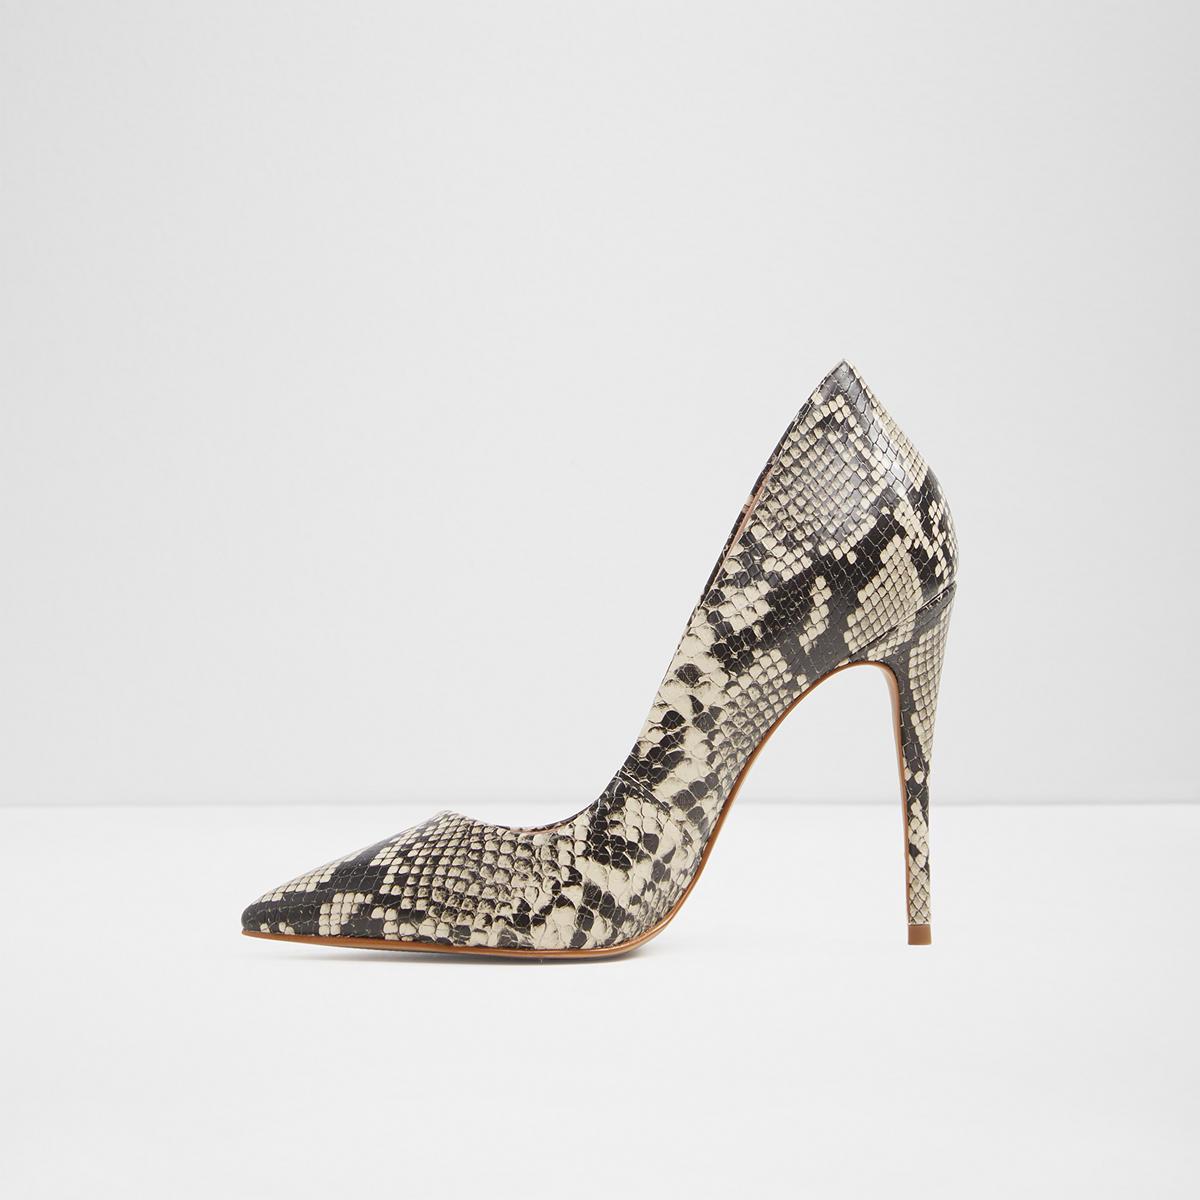 Bridal Shoes Aldo: Cassedy Natural Print Women's Pumps